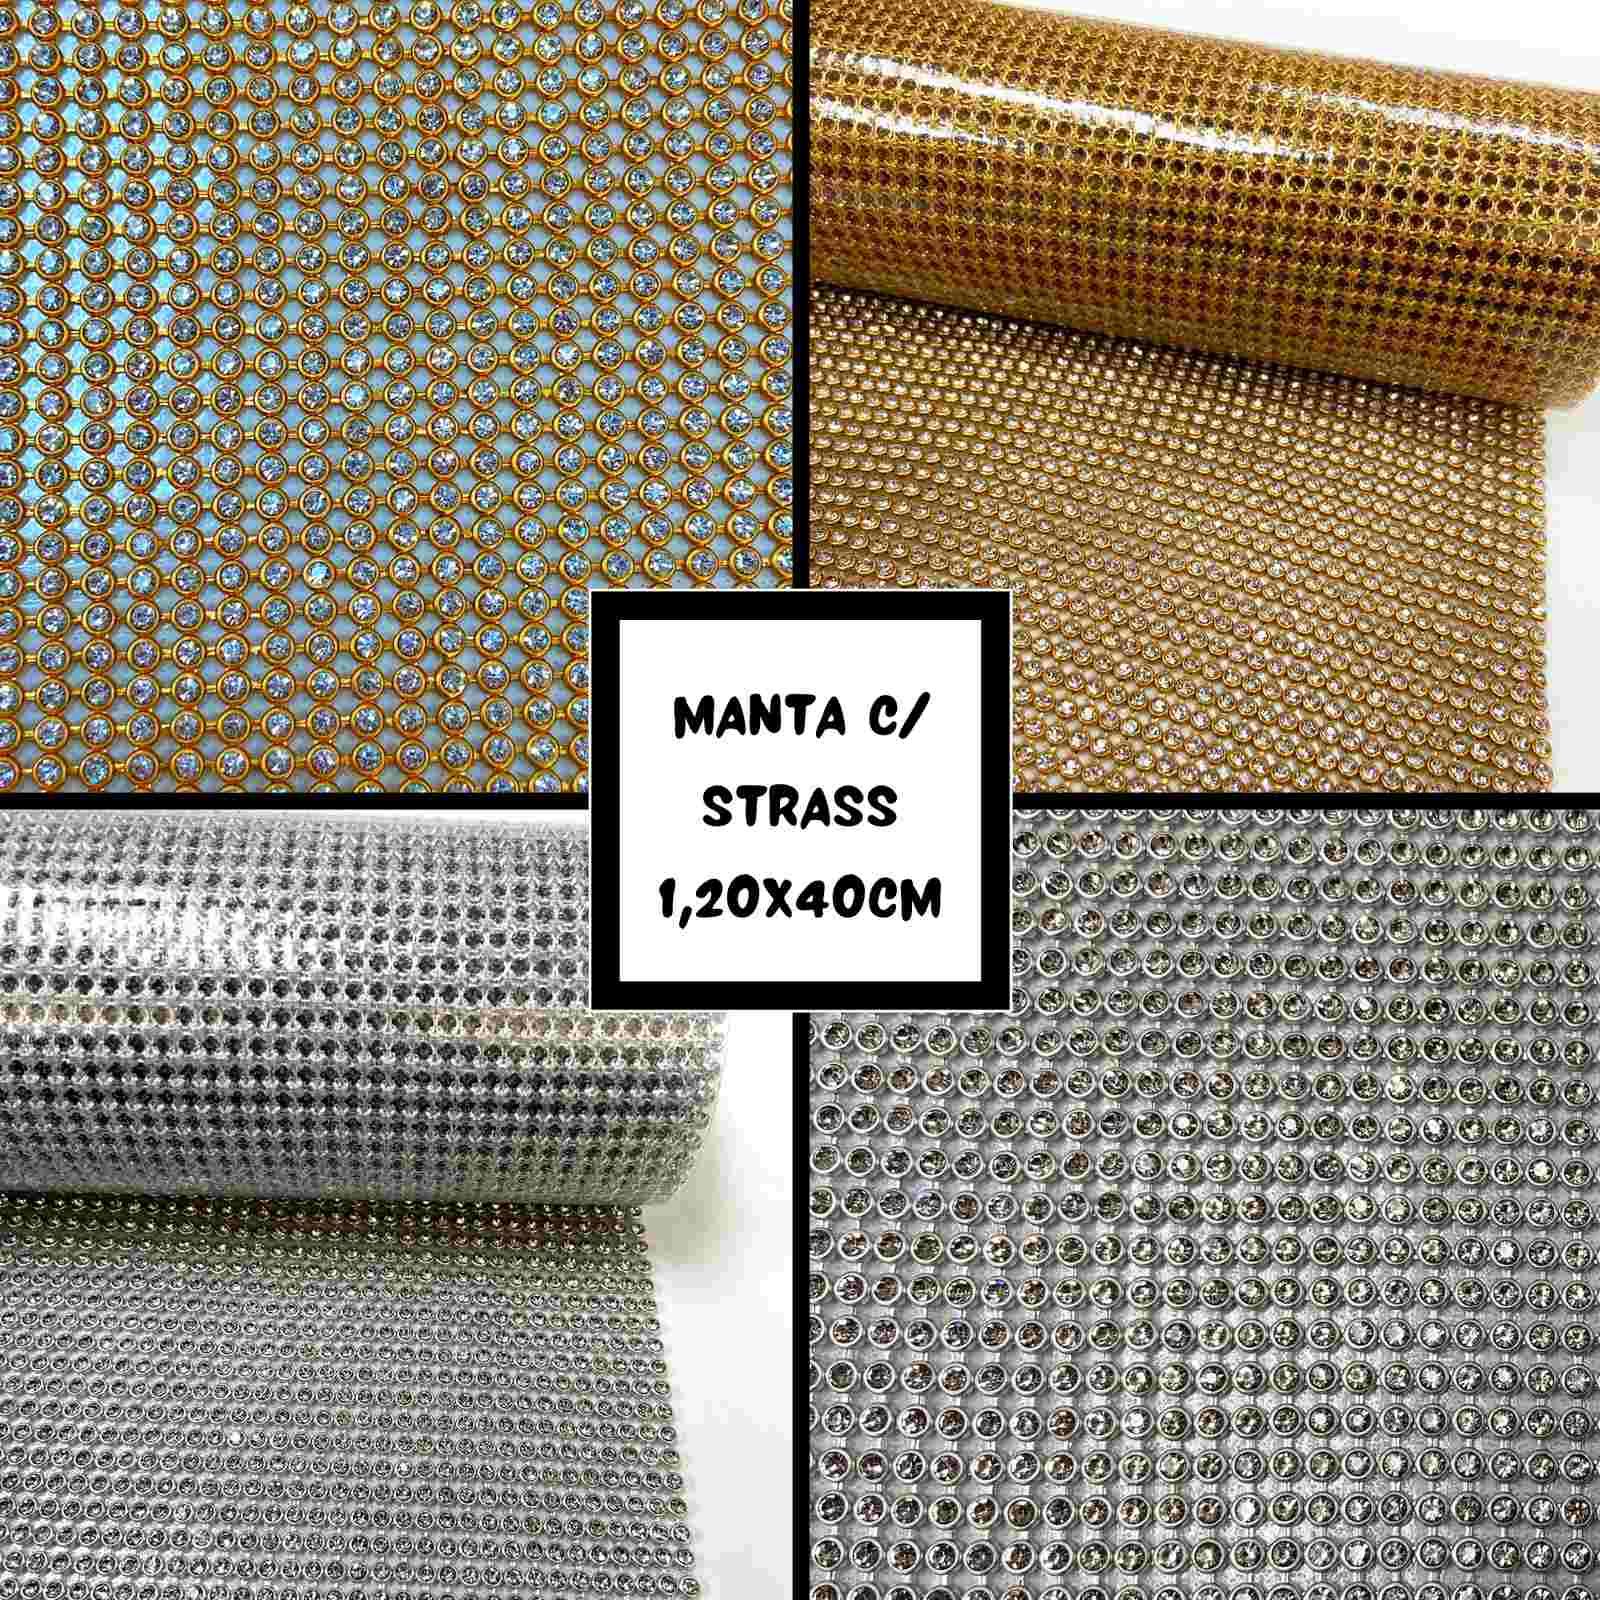 Manta com Strass 0,45x1,20